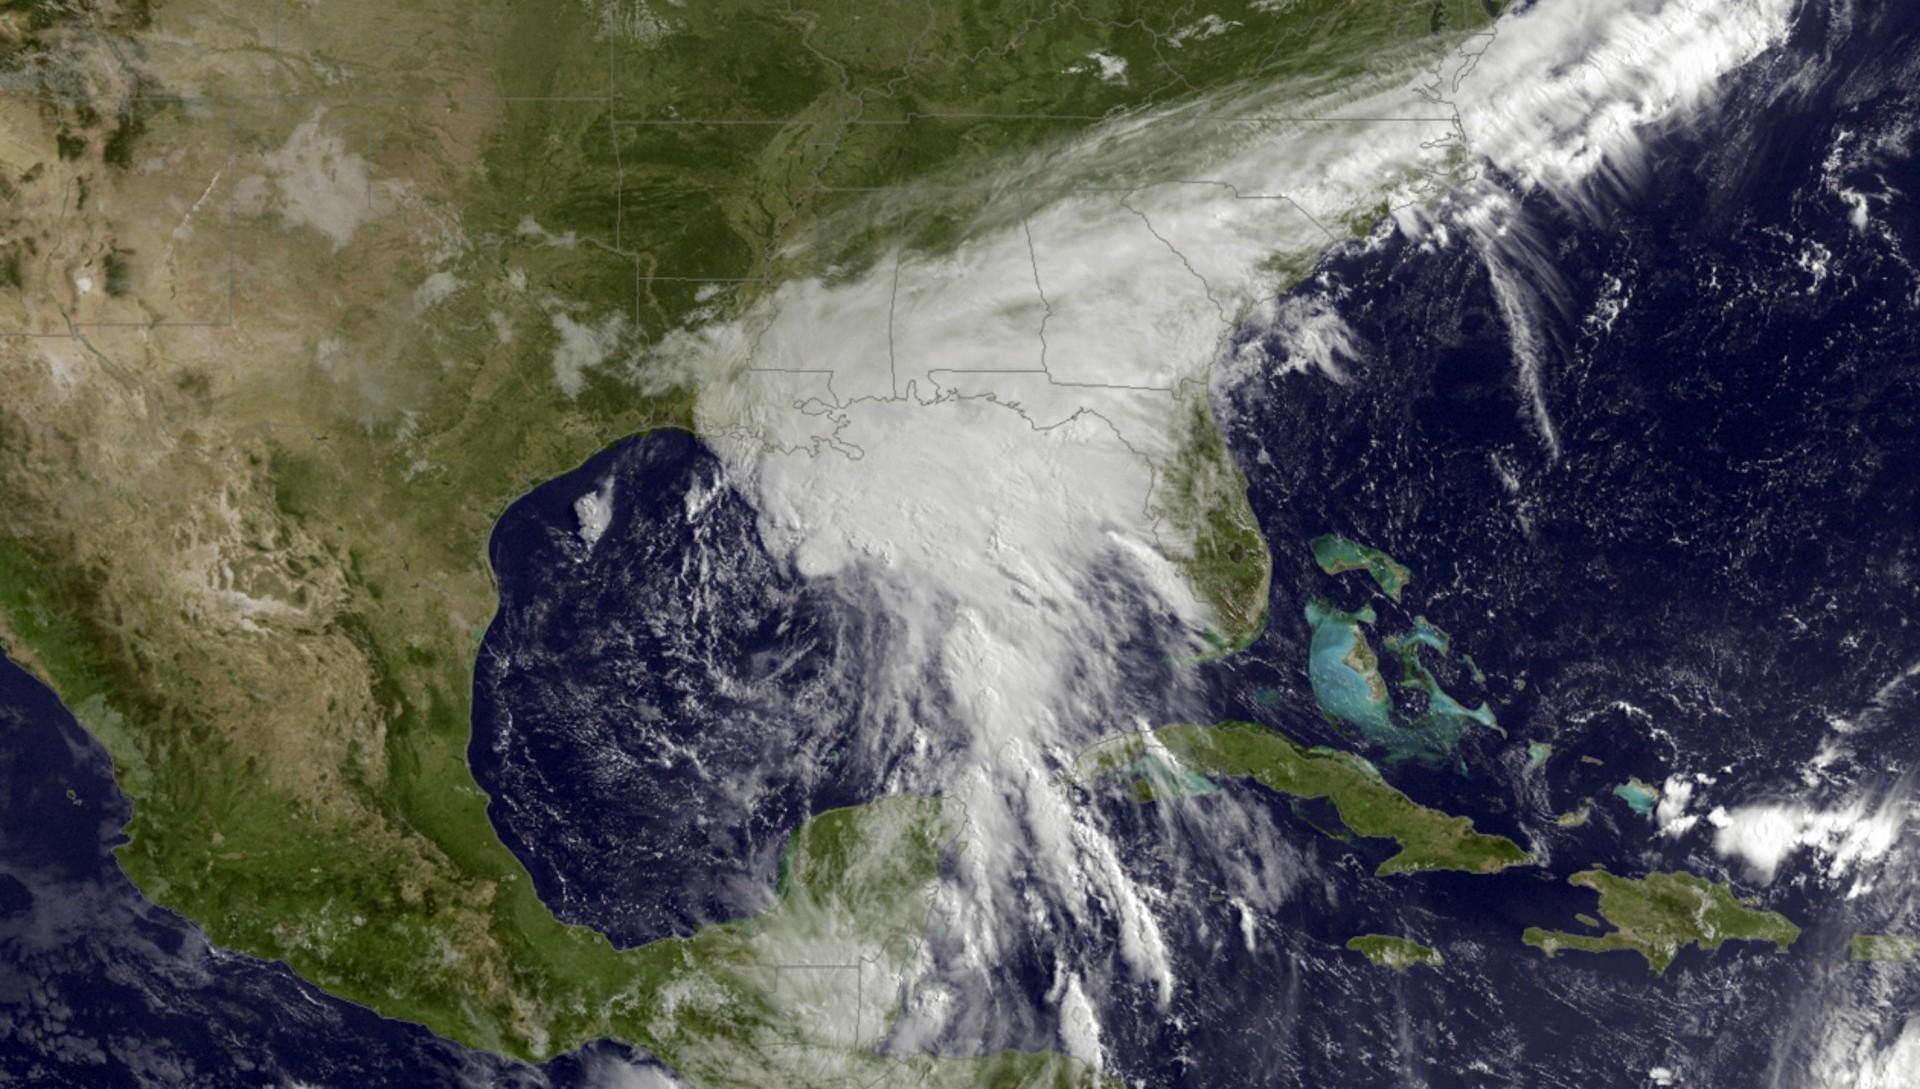 Imágen satelital muestra la tormenta Cindy en el Golfo de Méxcio (NOAA via AP)